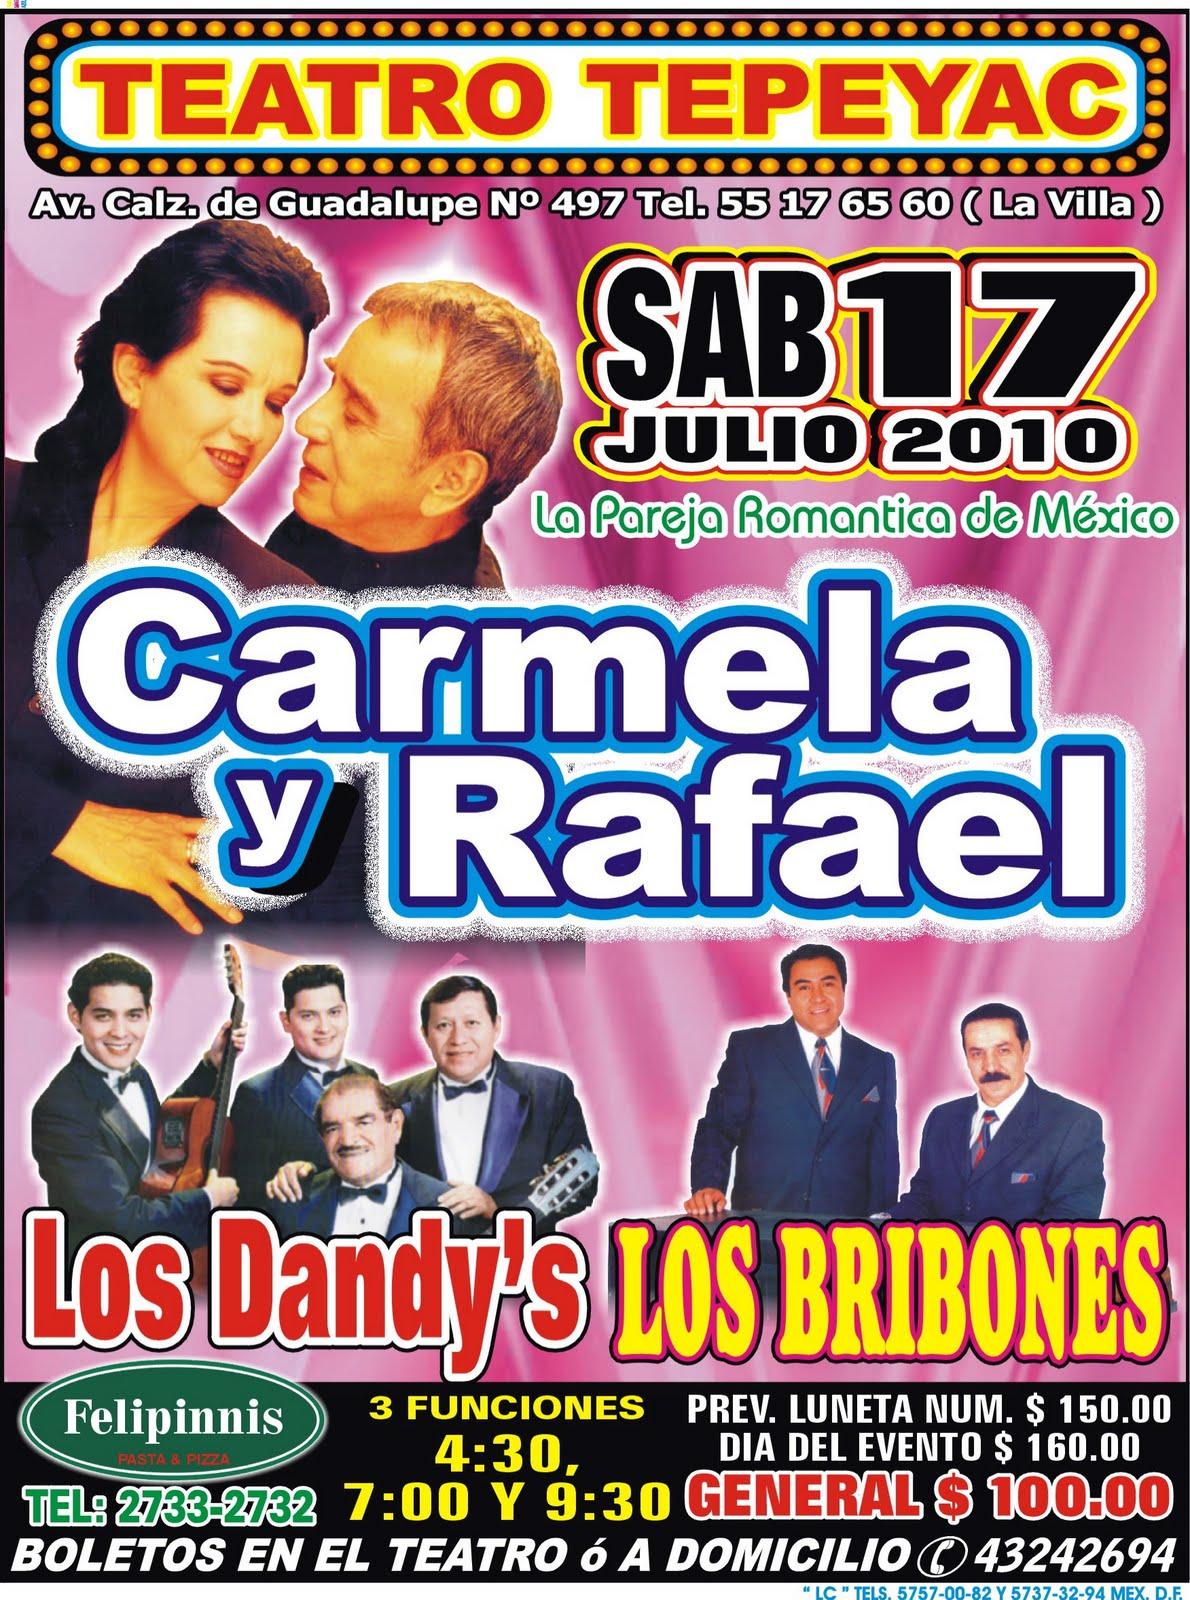 http://1.bp.blogspot.com/_y-F1SBc3pTM/TD7aaQLP_eI/AAAAAAAAAt0/wW7vQUq7xR4/s1600/ver+CARMELA+Y+RAFAEL+17+JULIO+10.jpg